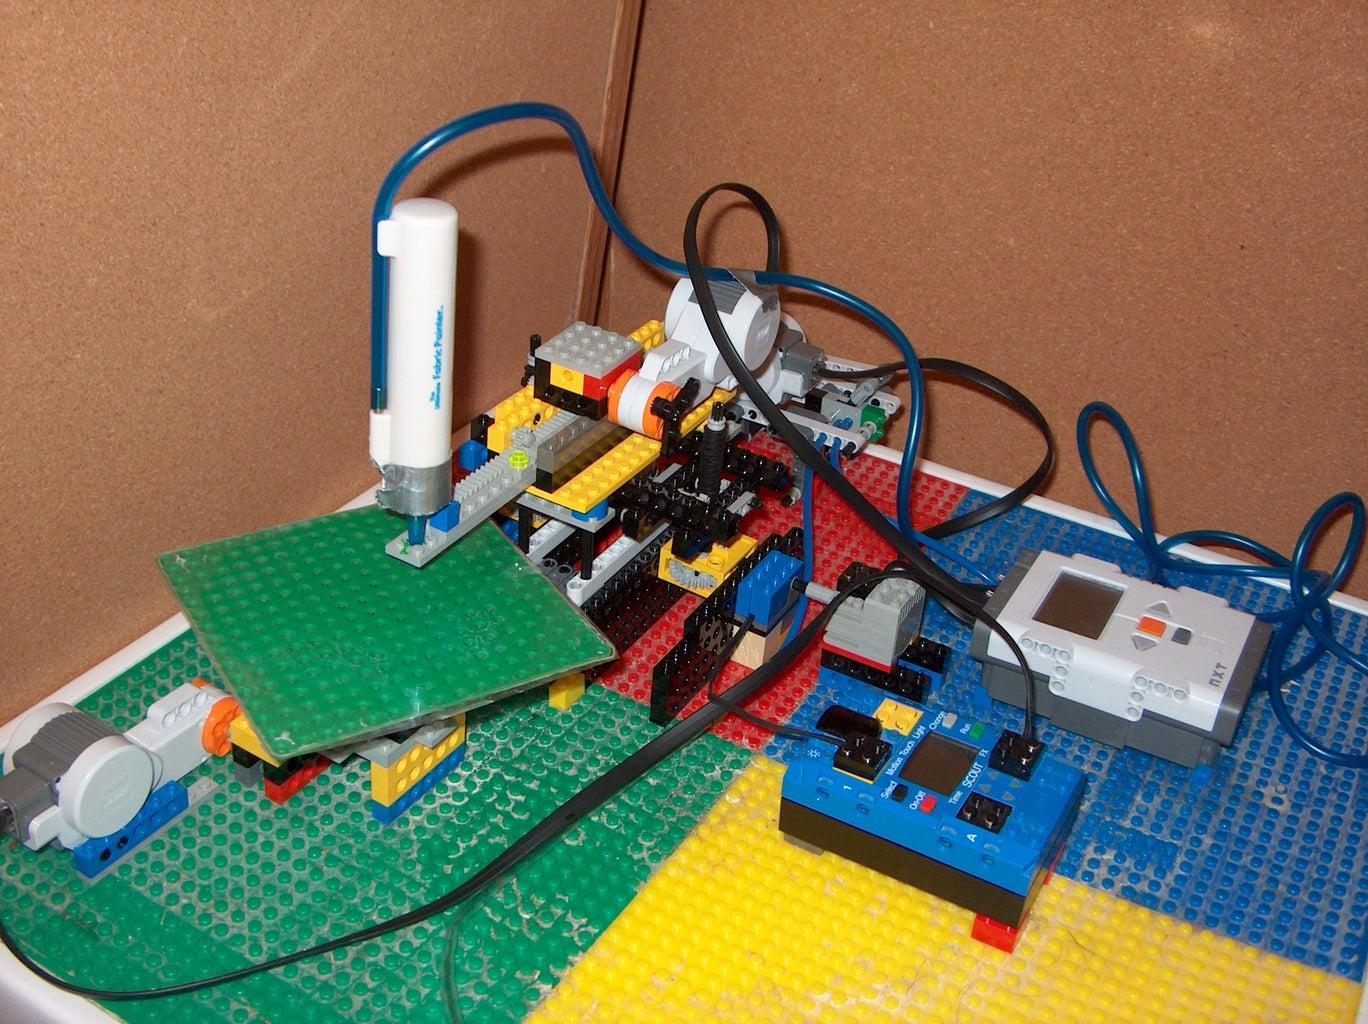 Build a Polar 3-D Printer From Legos